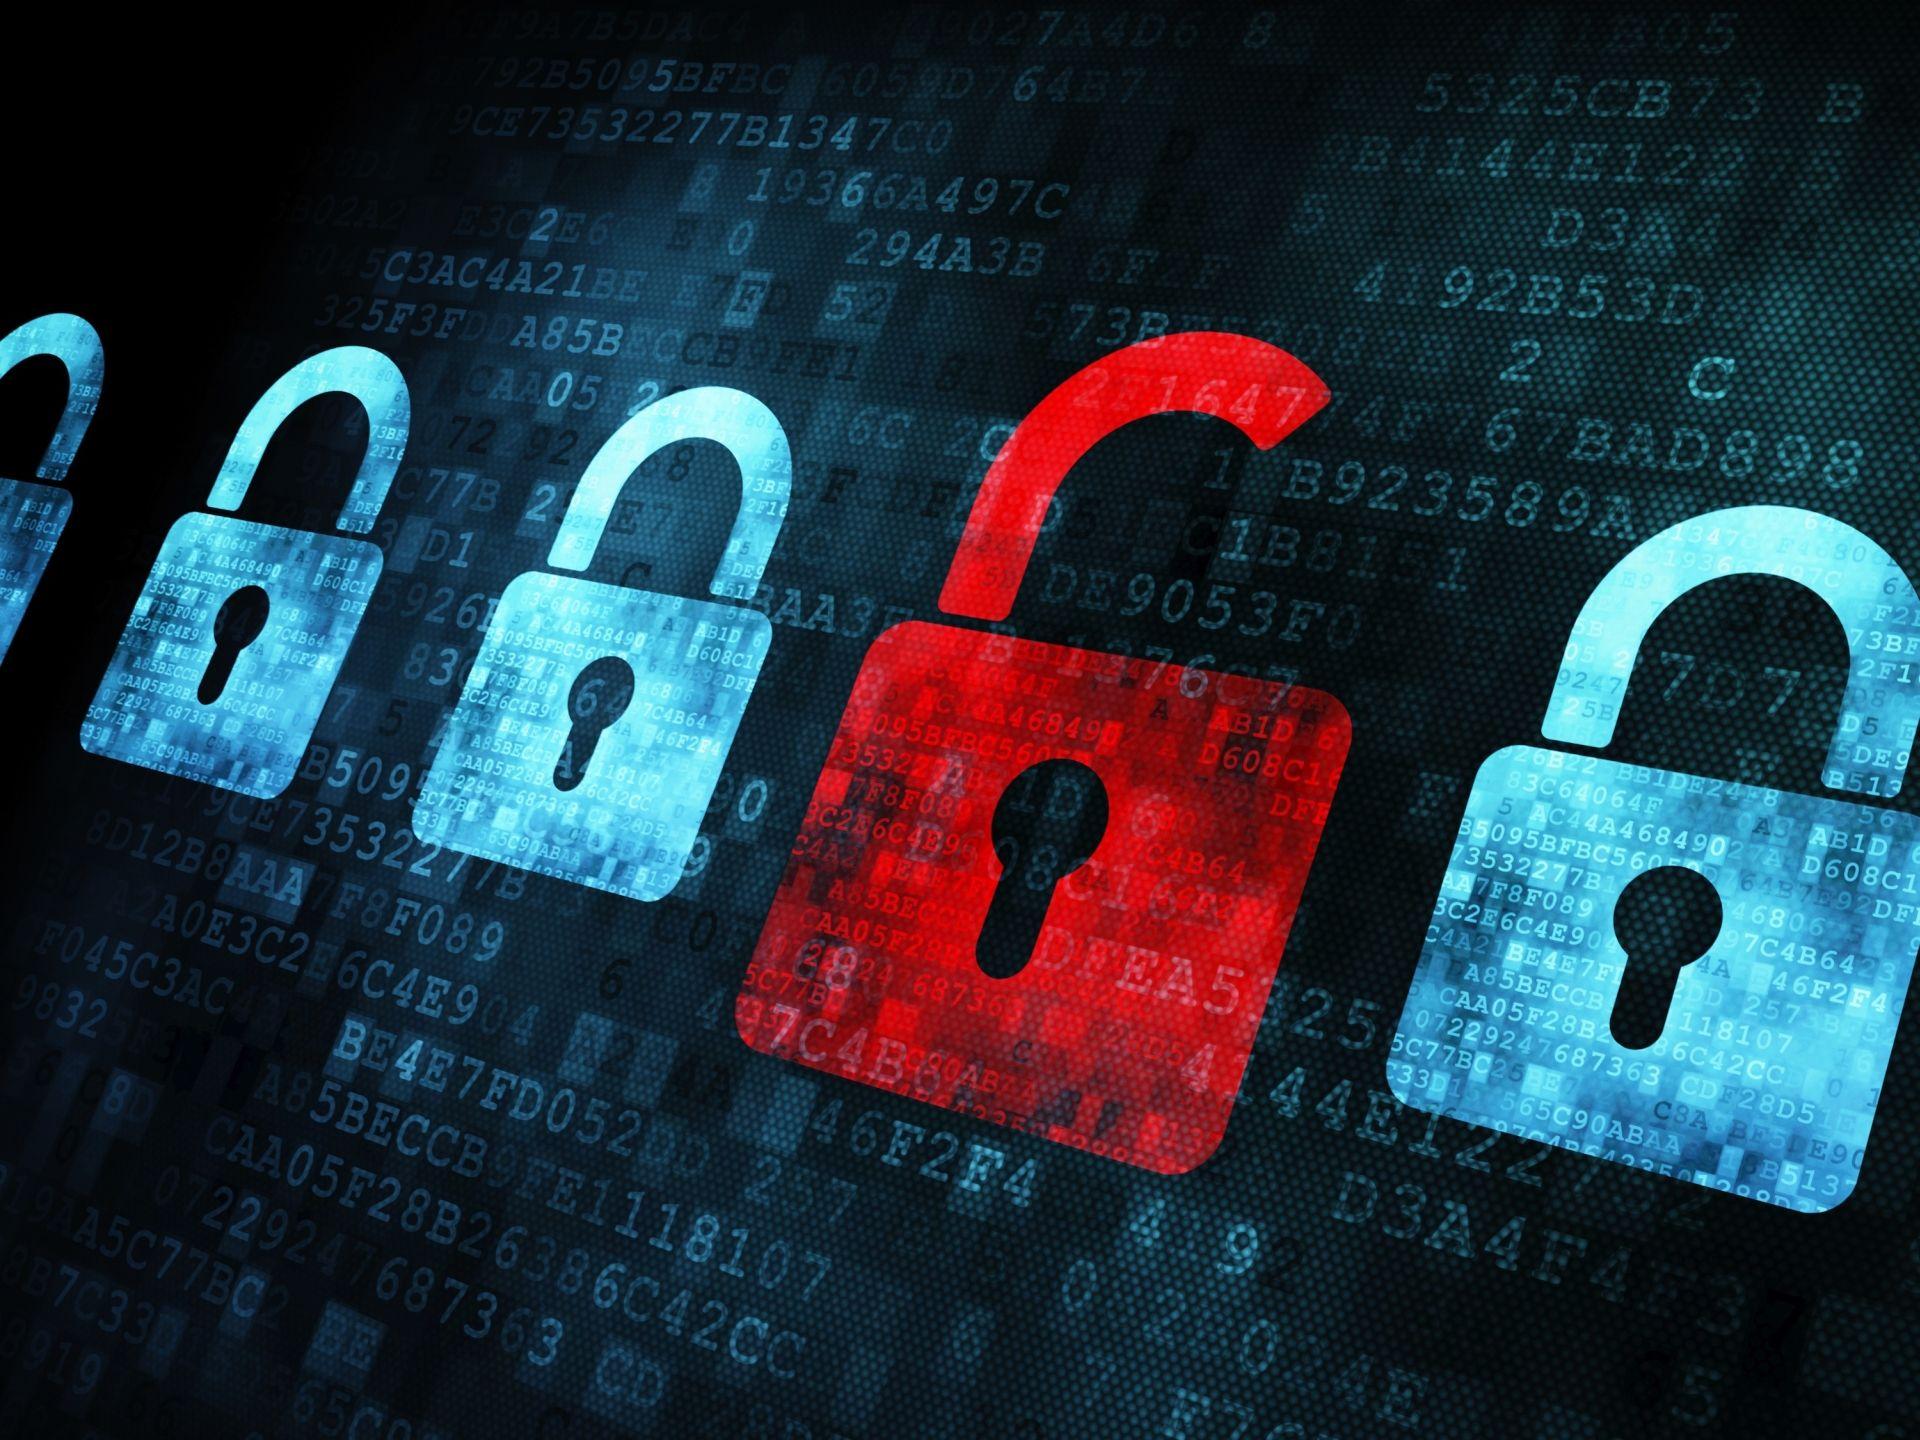 Kostenlose SSL Zertifikate mit 3 Jahren Gültigkeit erstellen lassen